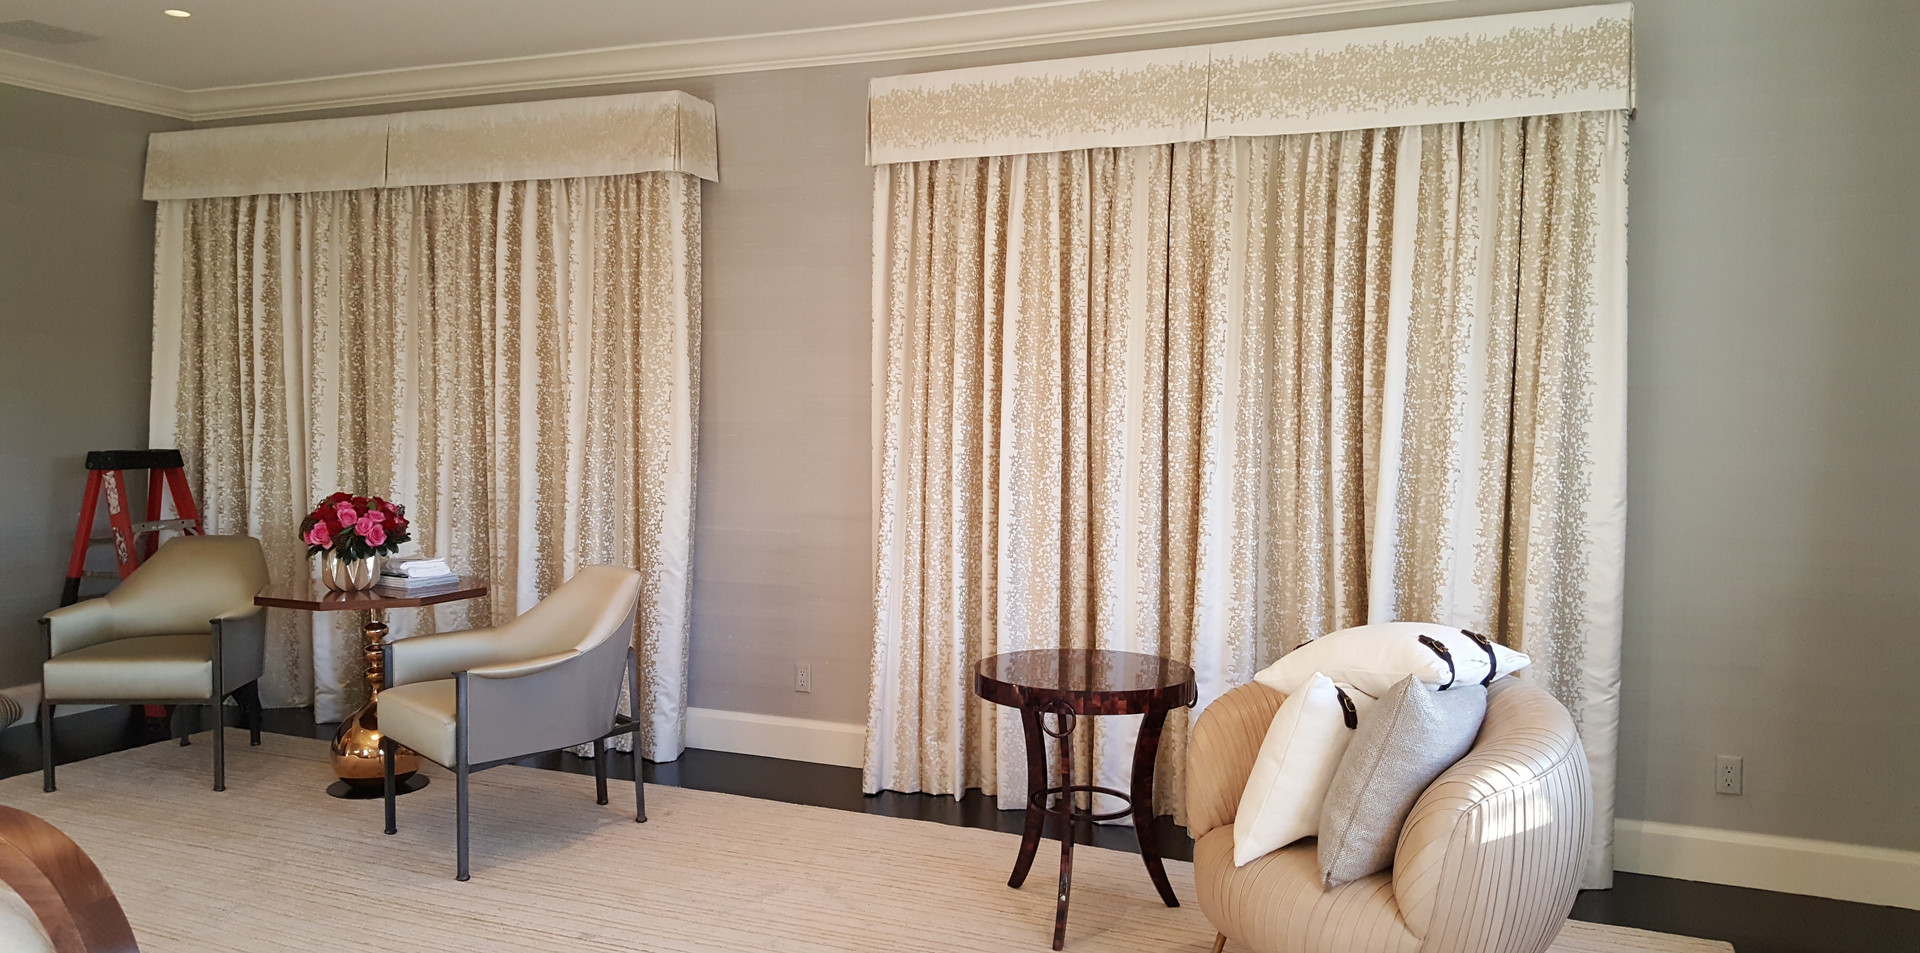 DCC - Master Bedroom